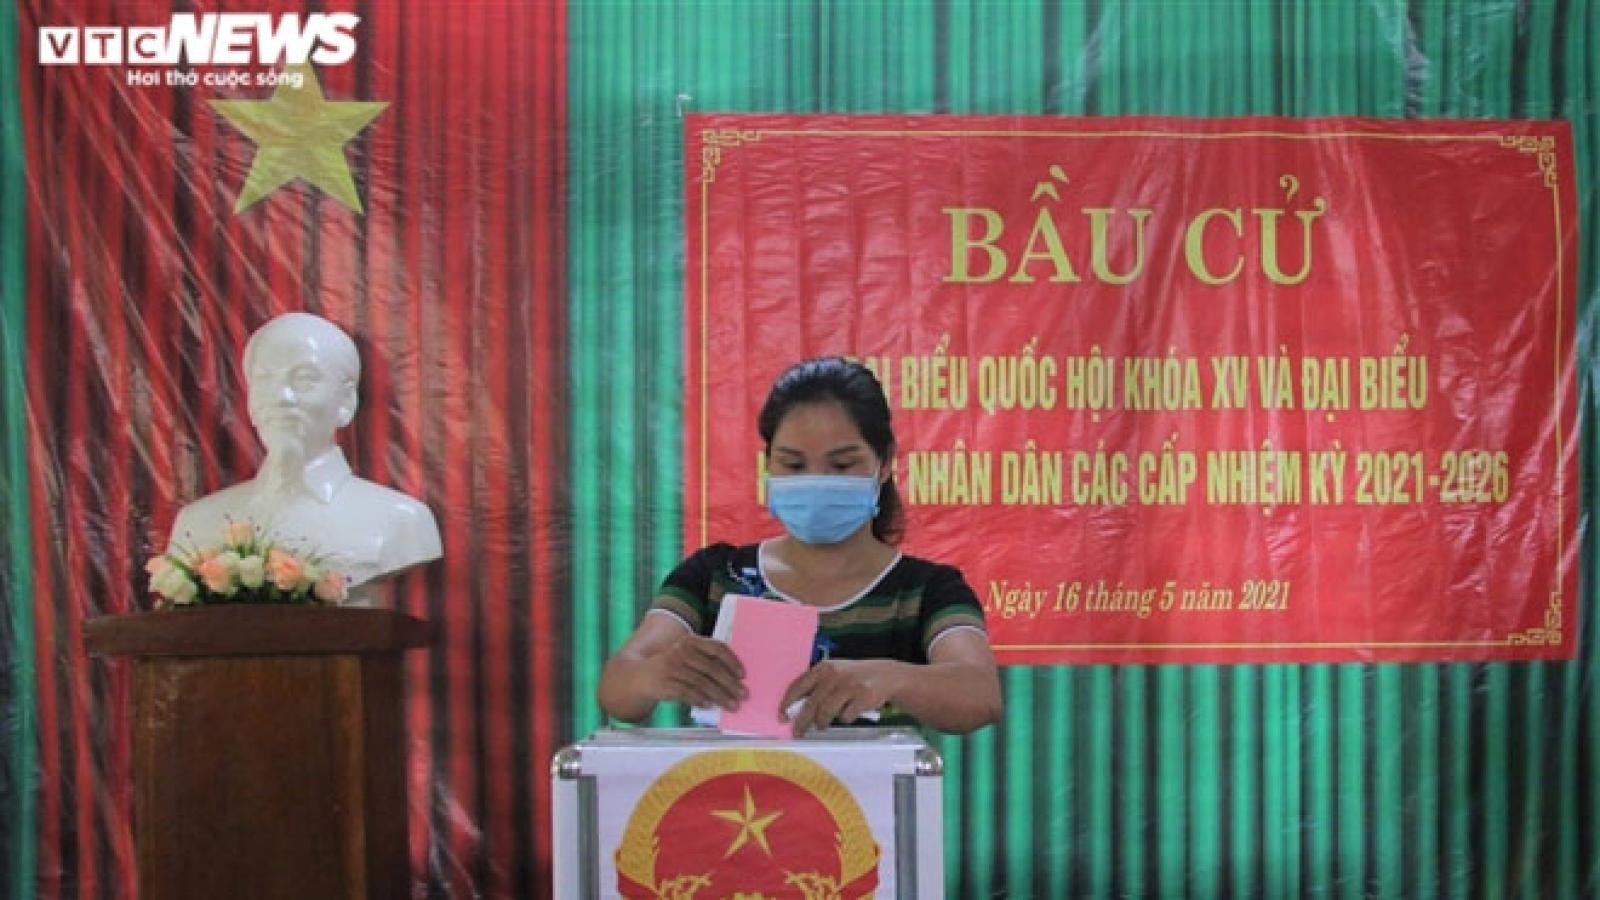 Ảnh: 6 xã biên giới ở Quảng Nam bầu cử sớm, cử tri giữ khoảng cách phòng dịch